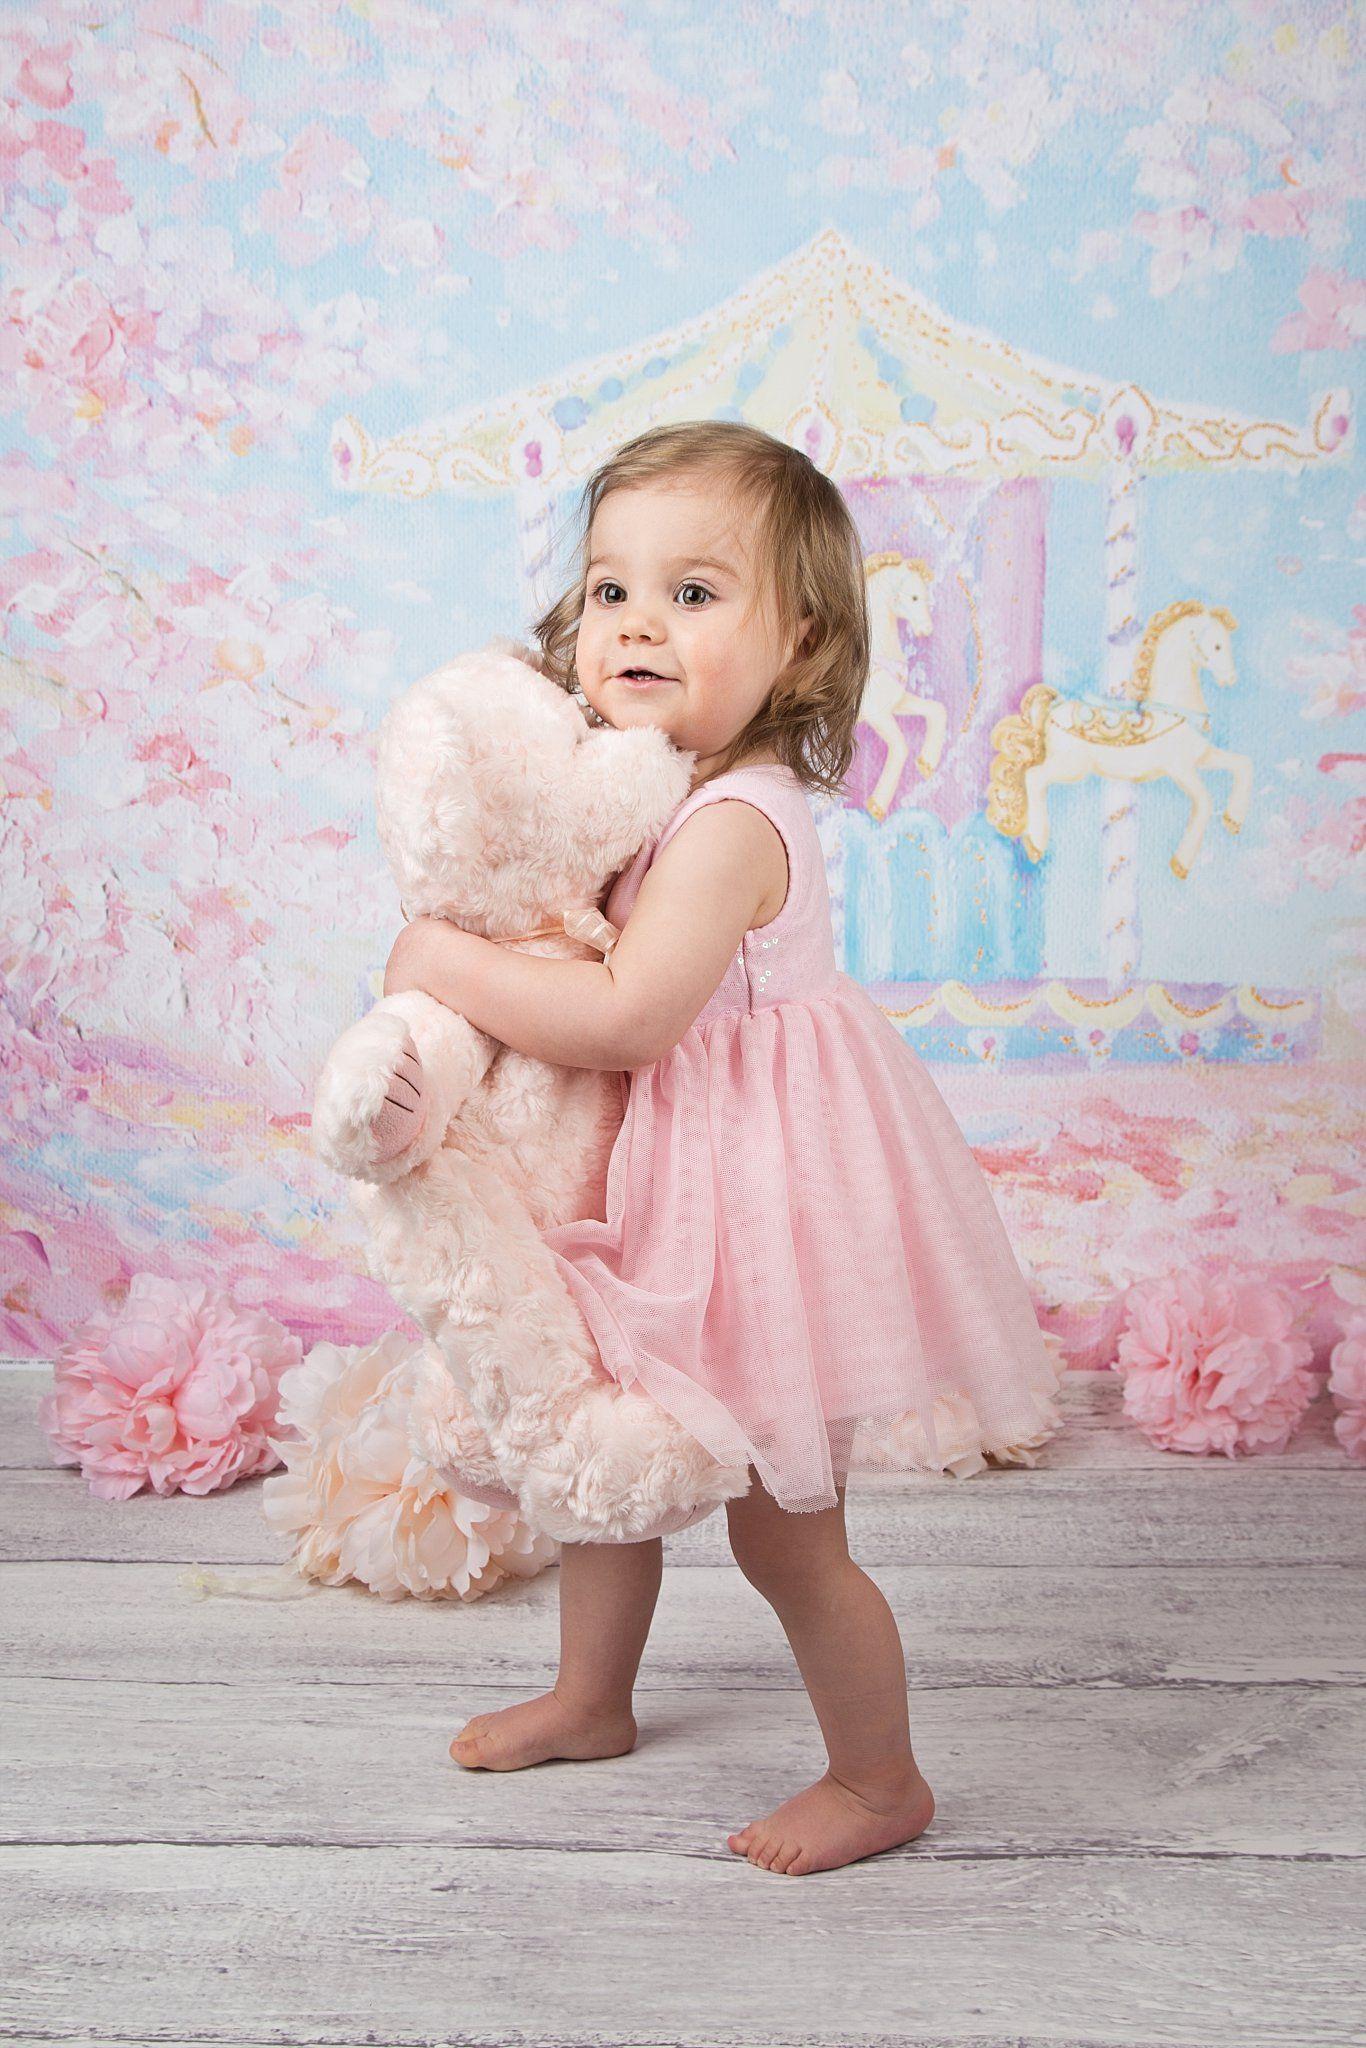 Adorable kids photos, Spring photo ideas, carousel, pink teddy bear,  carousel photo shoot, spring mini … | Baby photoshoot girl, Girl photo  shoots, Photo ideas girl